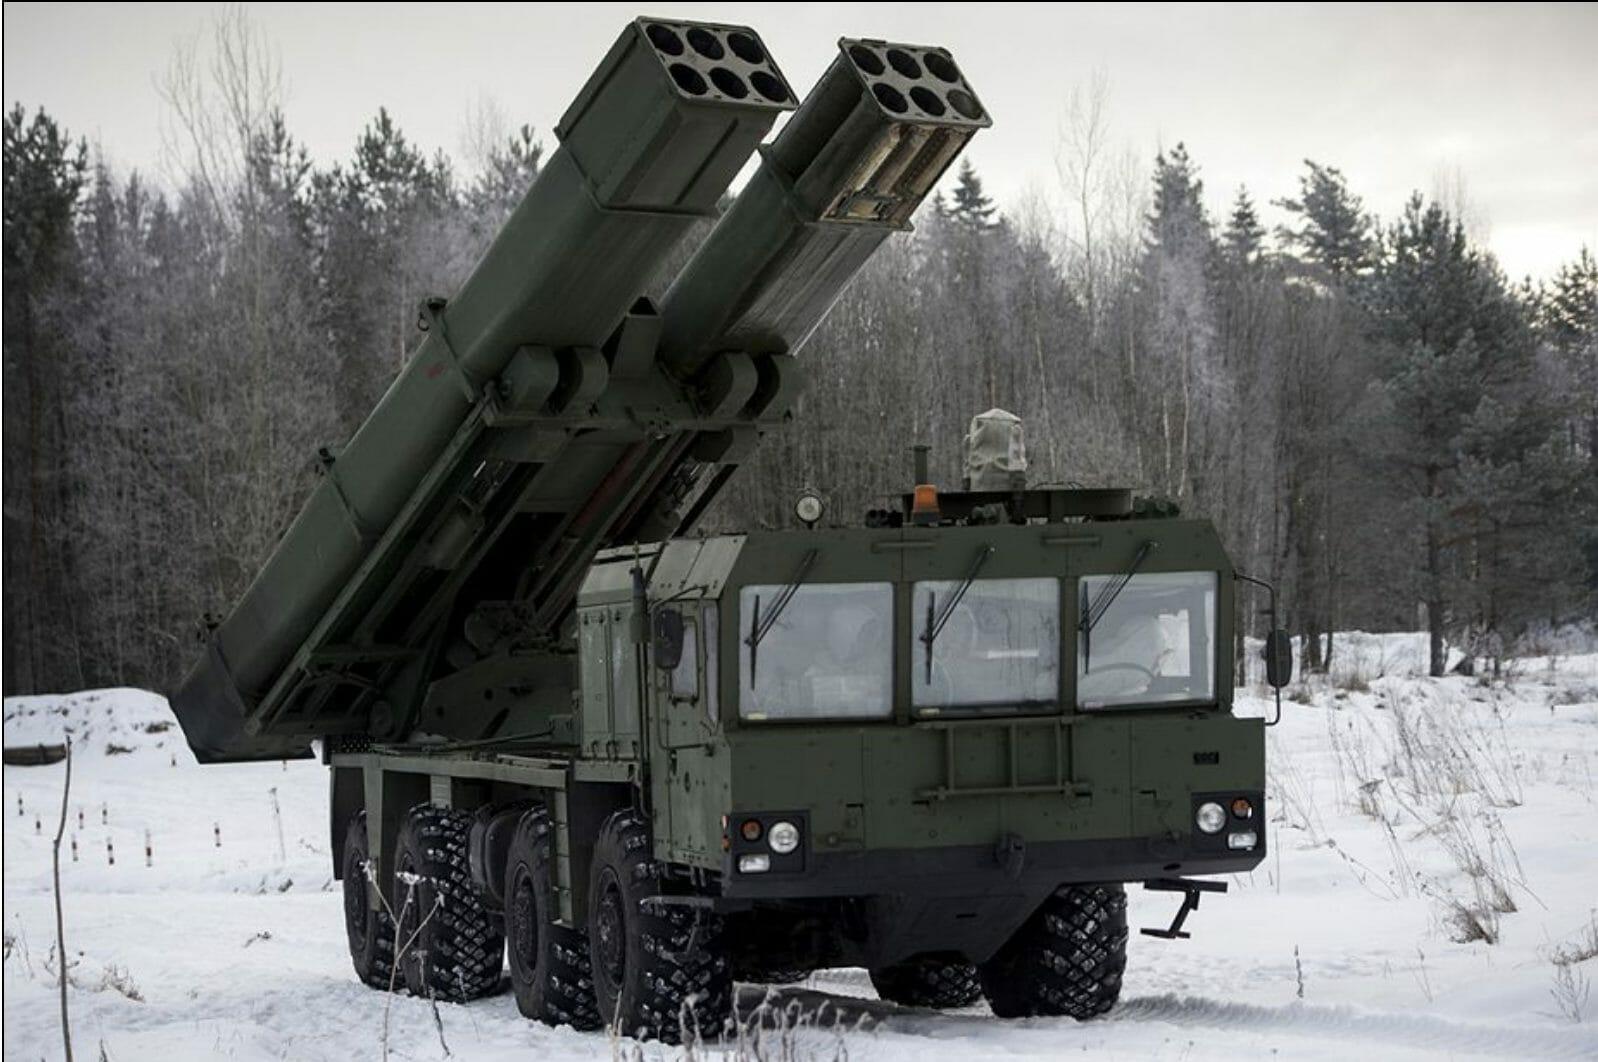 Russian Tornado-S MLRS